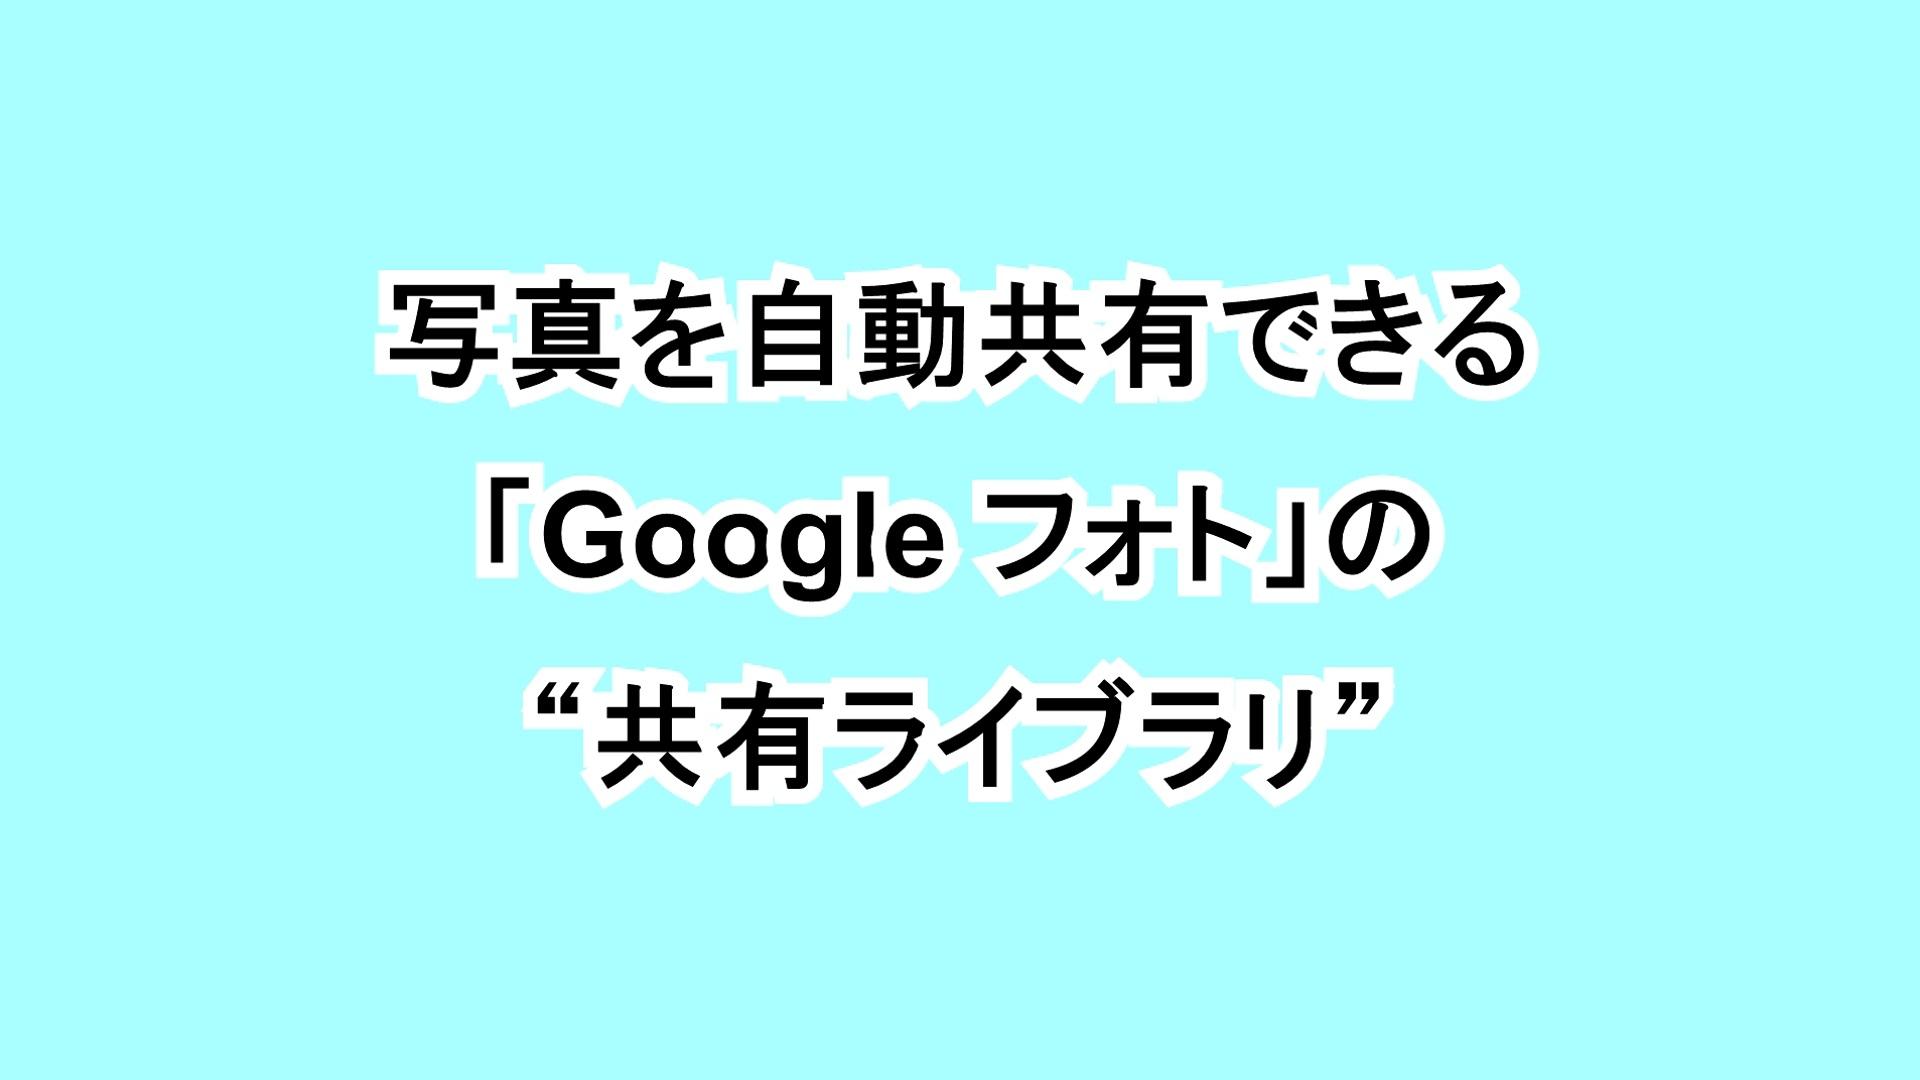 """写真を自動共有できる「Google フォト」の""""共有ライブラリ"""""""